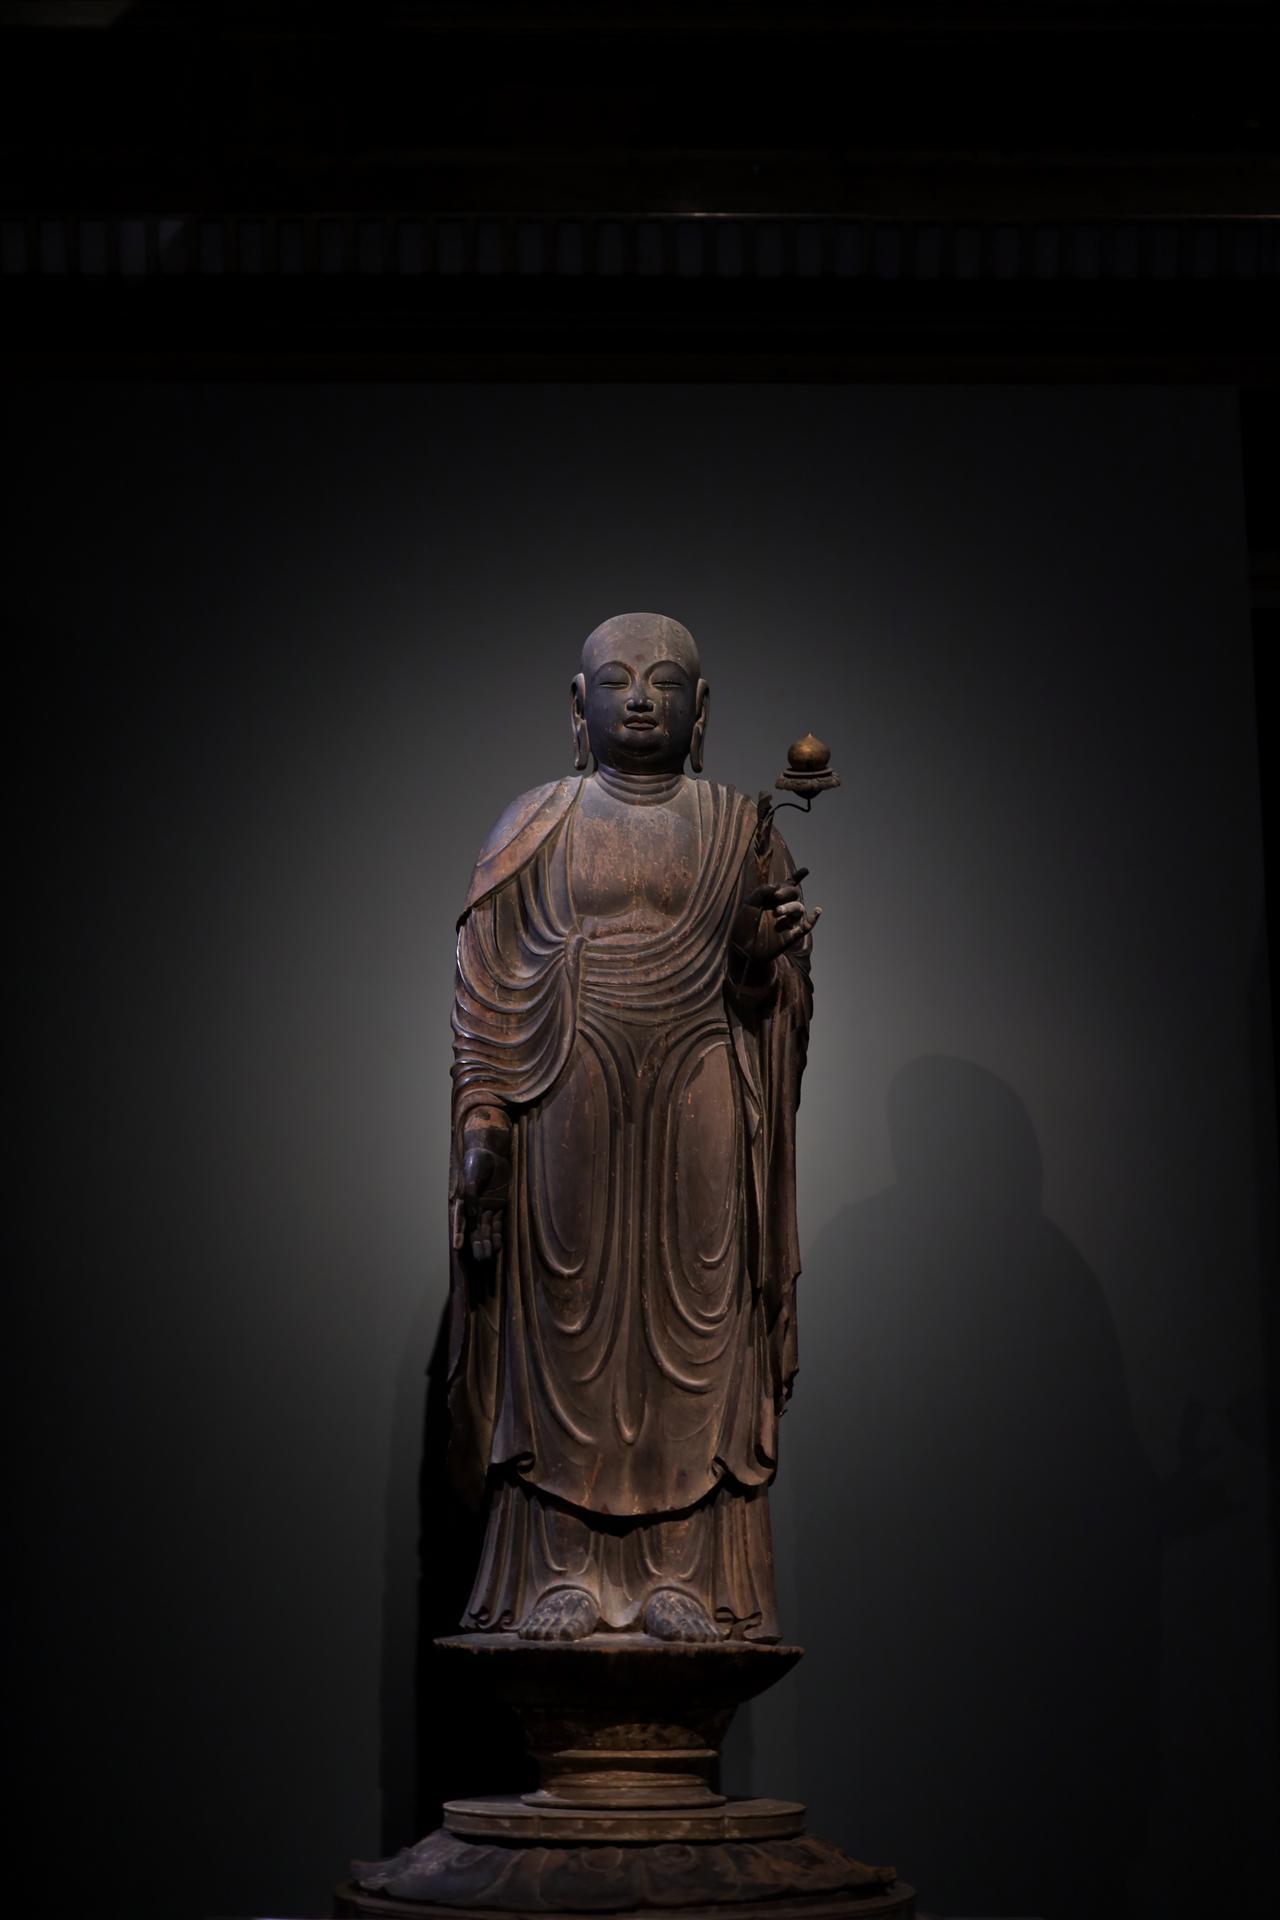 画像1: 国宝 地蔵菩薩立像 平安時代・9世紀 奈良・法隆寺蔵